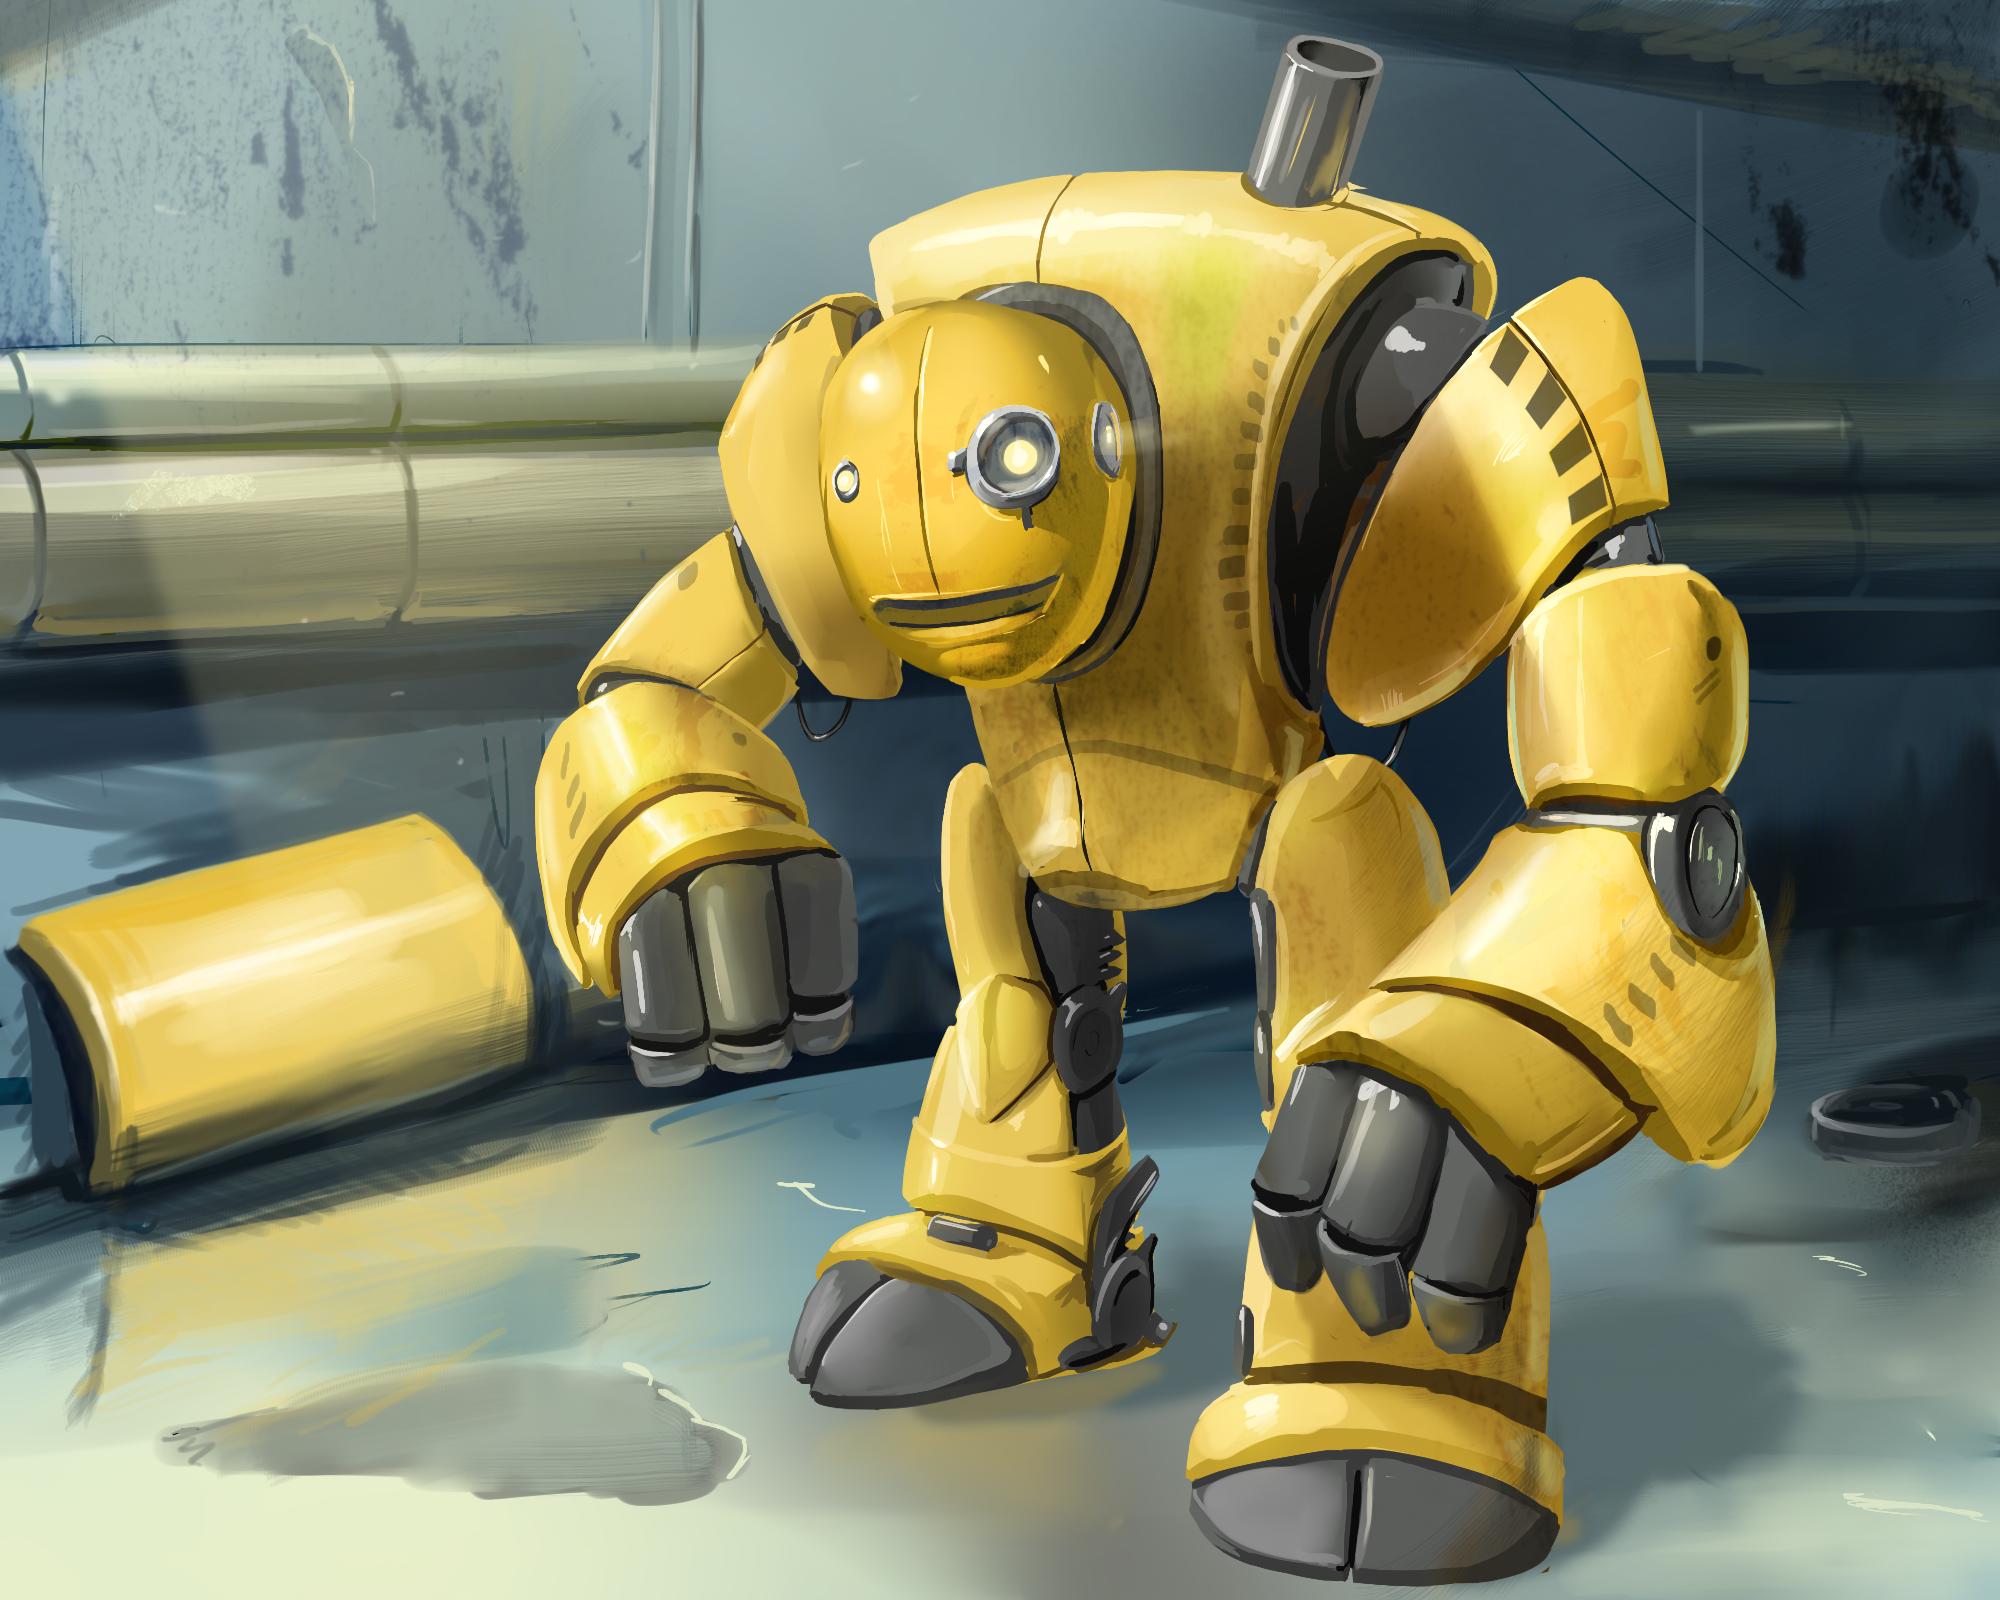 Mechanical worker